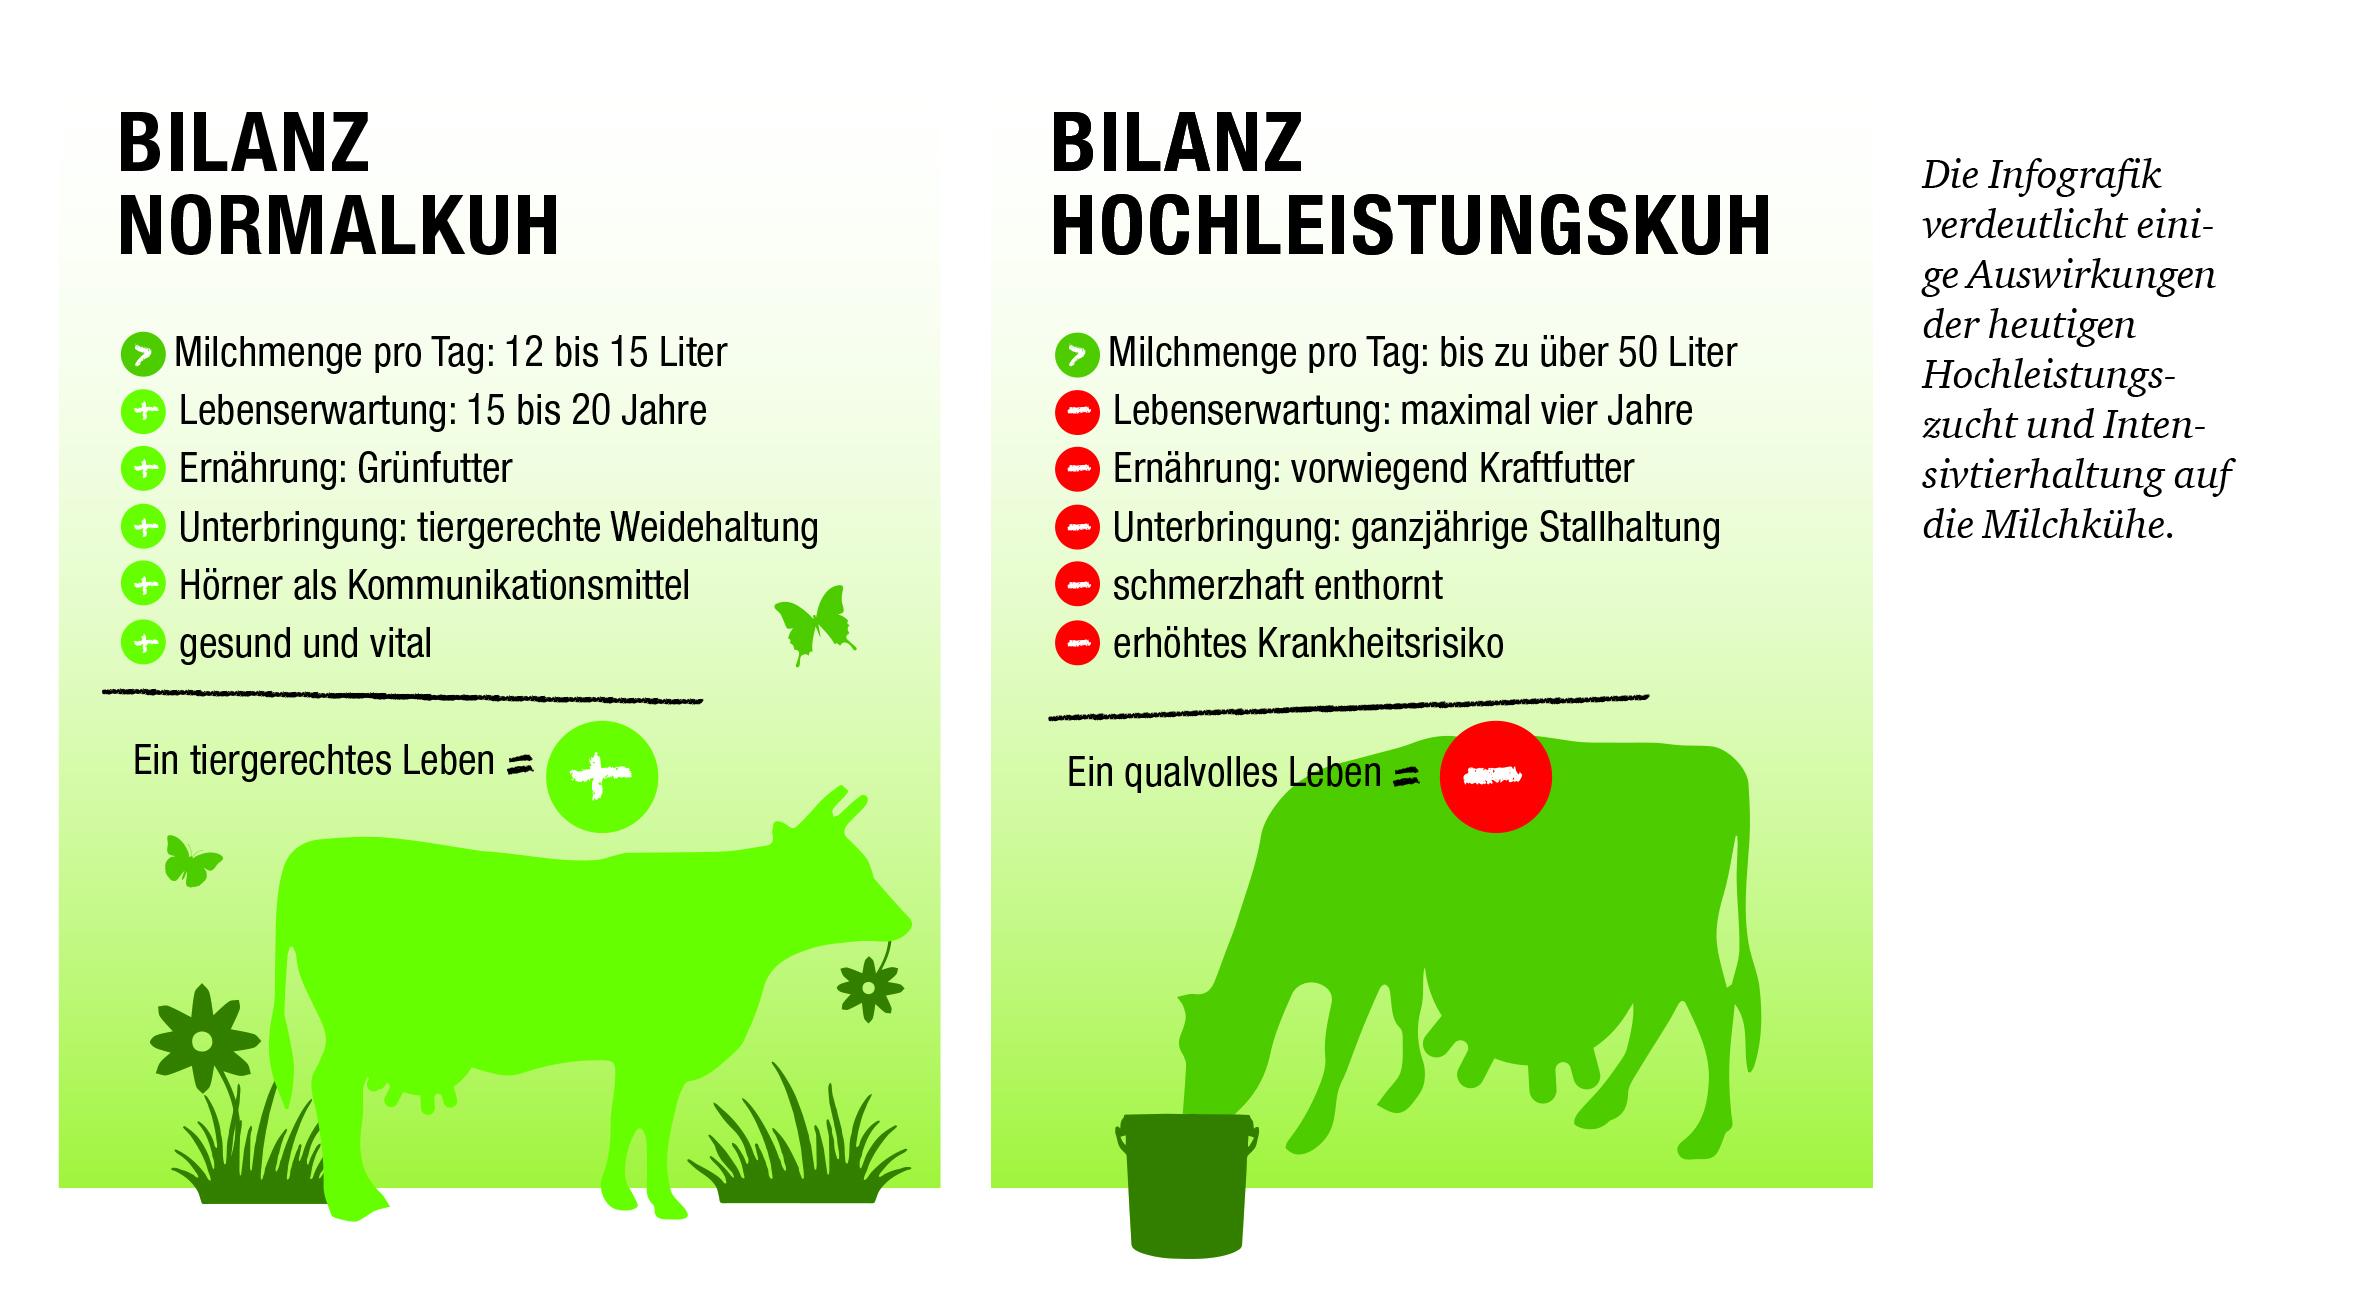 Die Infografik verdeutlicht einige Auswirkungen der heutigen Hochleistungszucht und Intensivtierhaltung auf die Milchkühe.